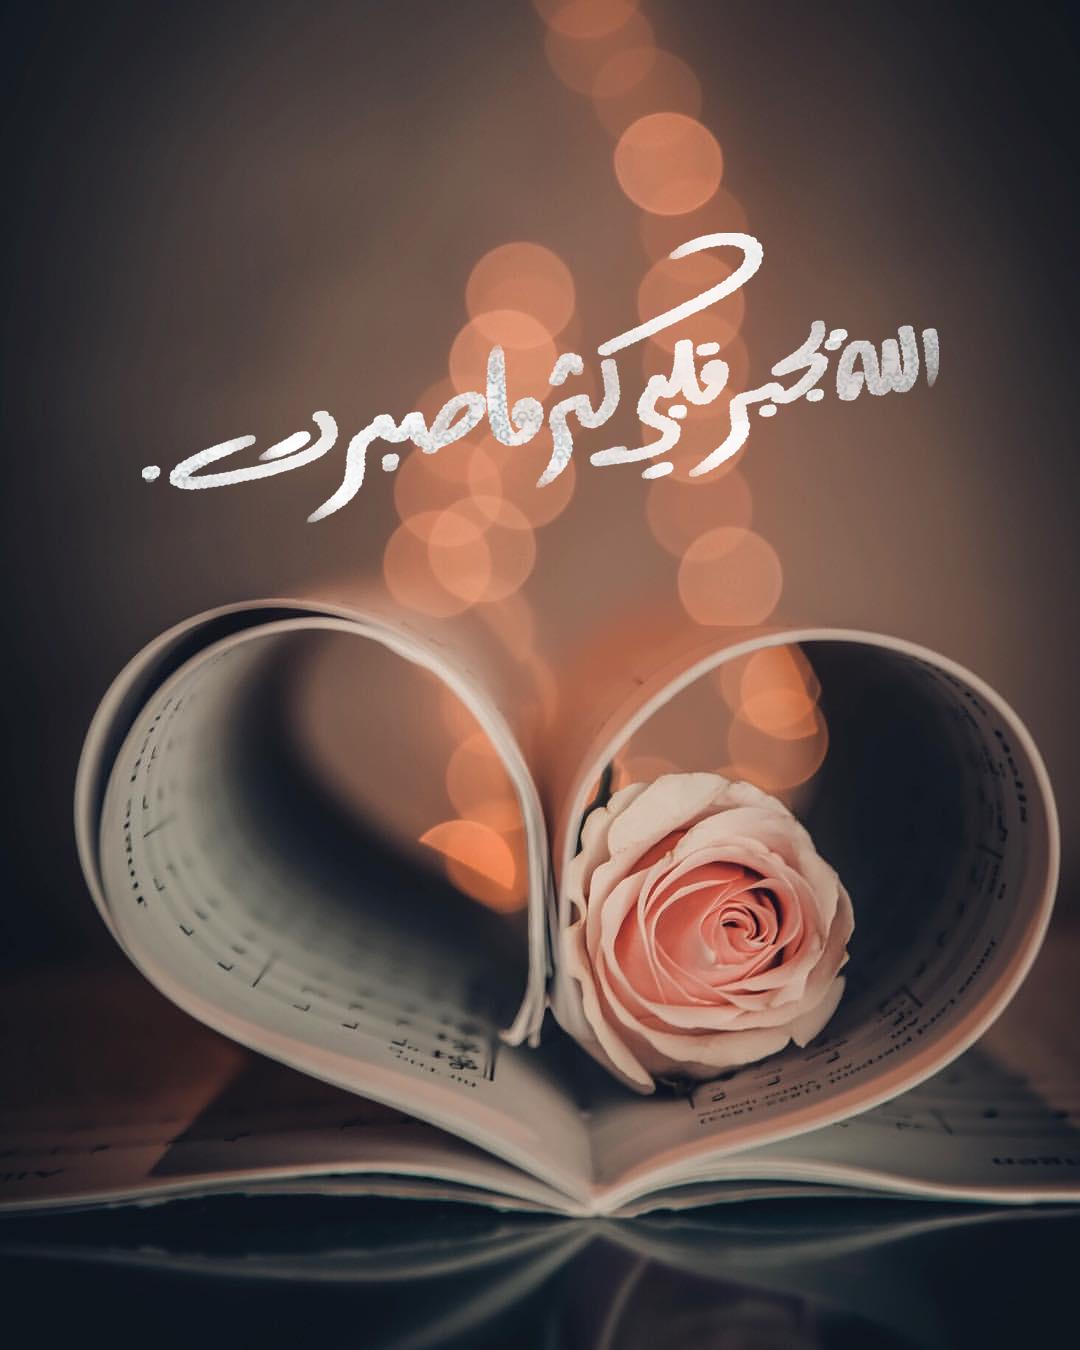 الله يجبر قلبي كثر ما صبرت Book Photography Instagram Photoshop